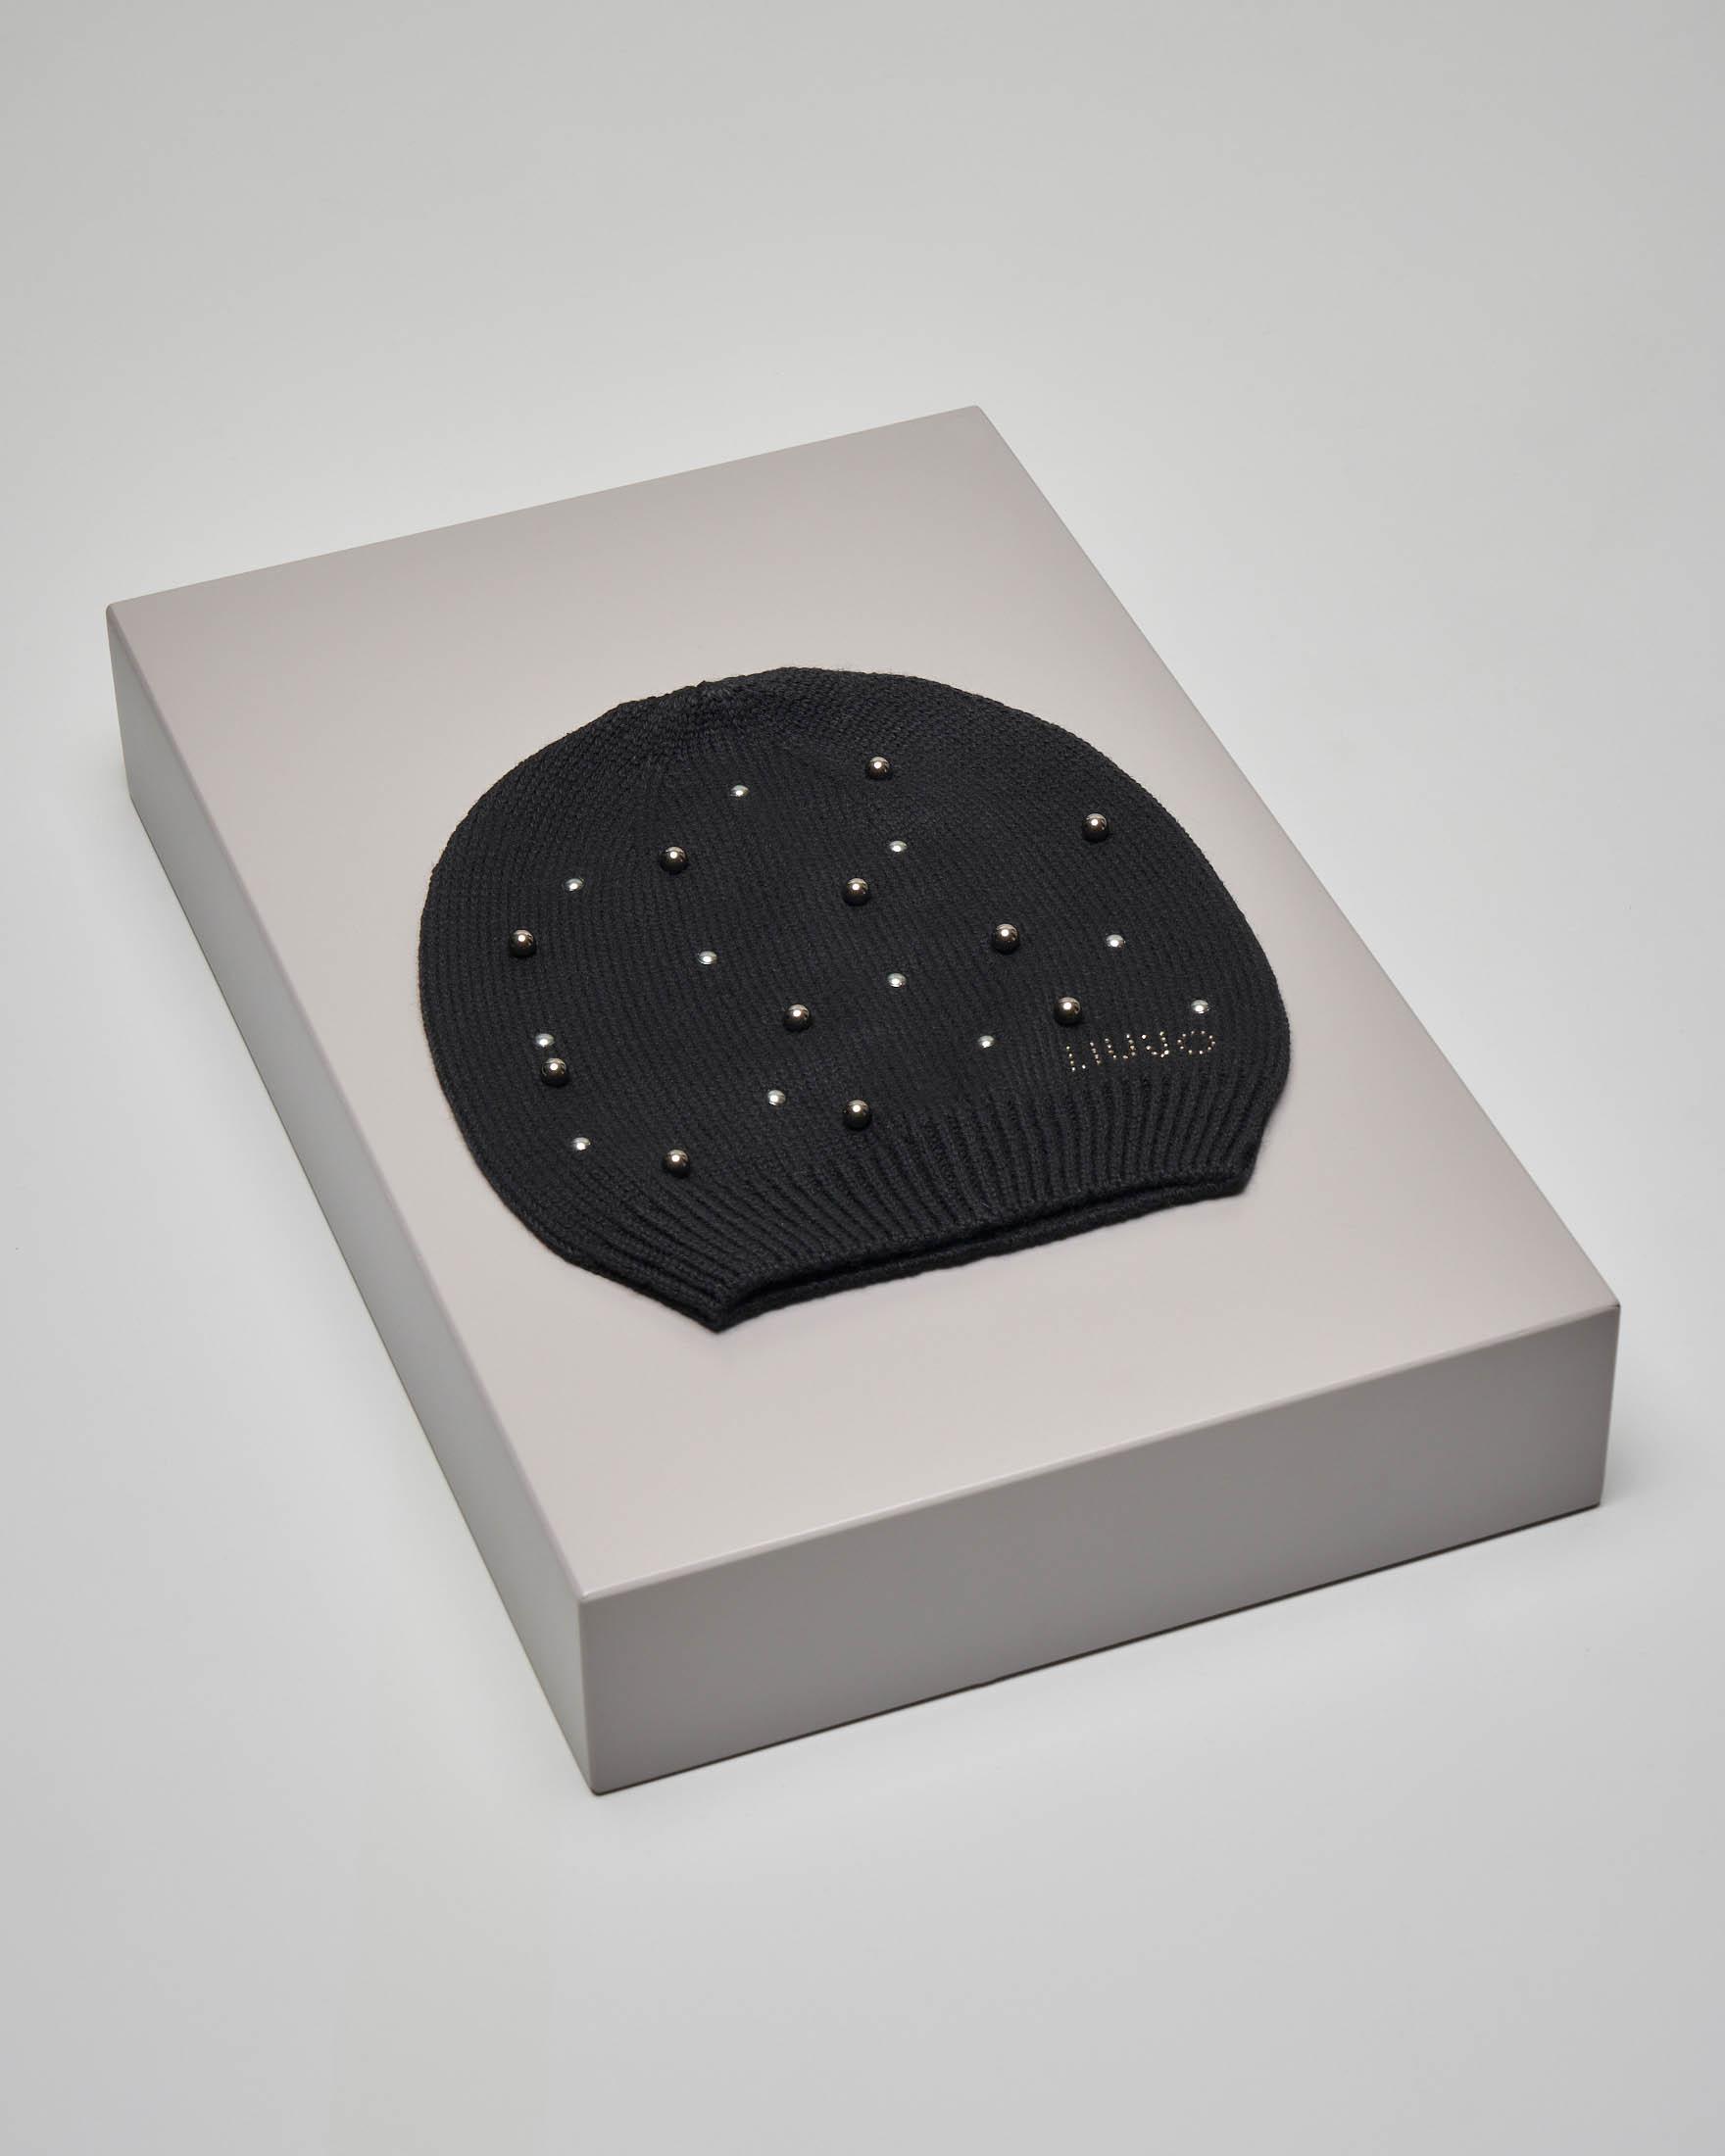 Berretto in lana misto cashmere nero con microborchiette e perle applicate tono su tono